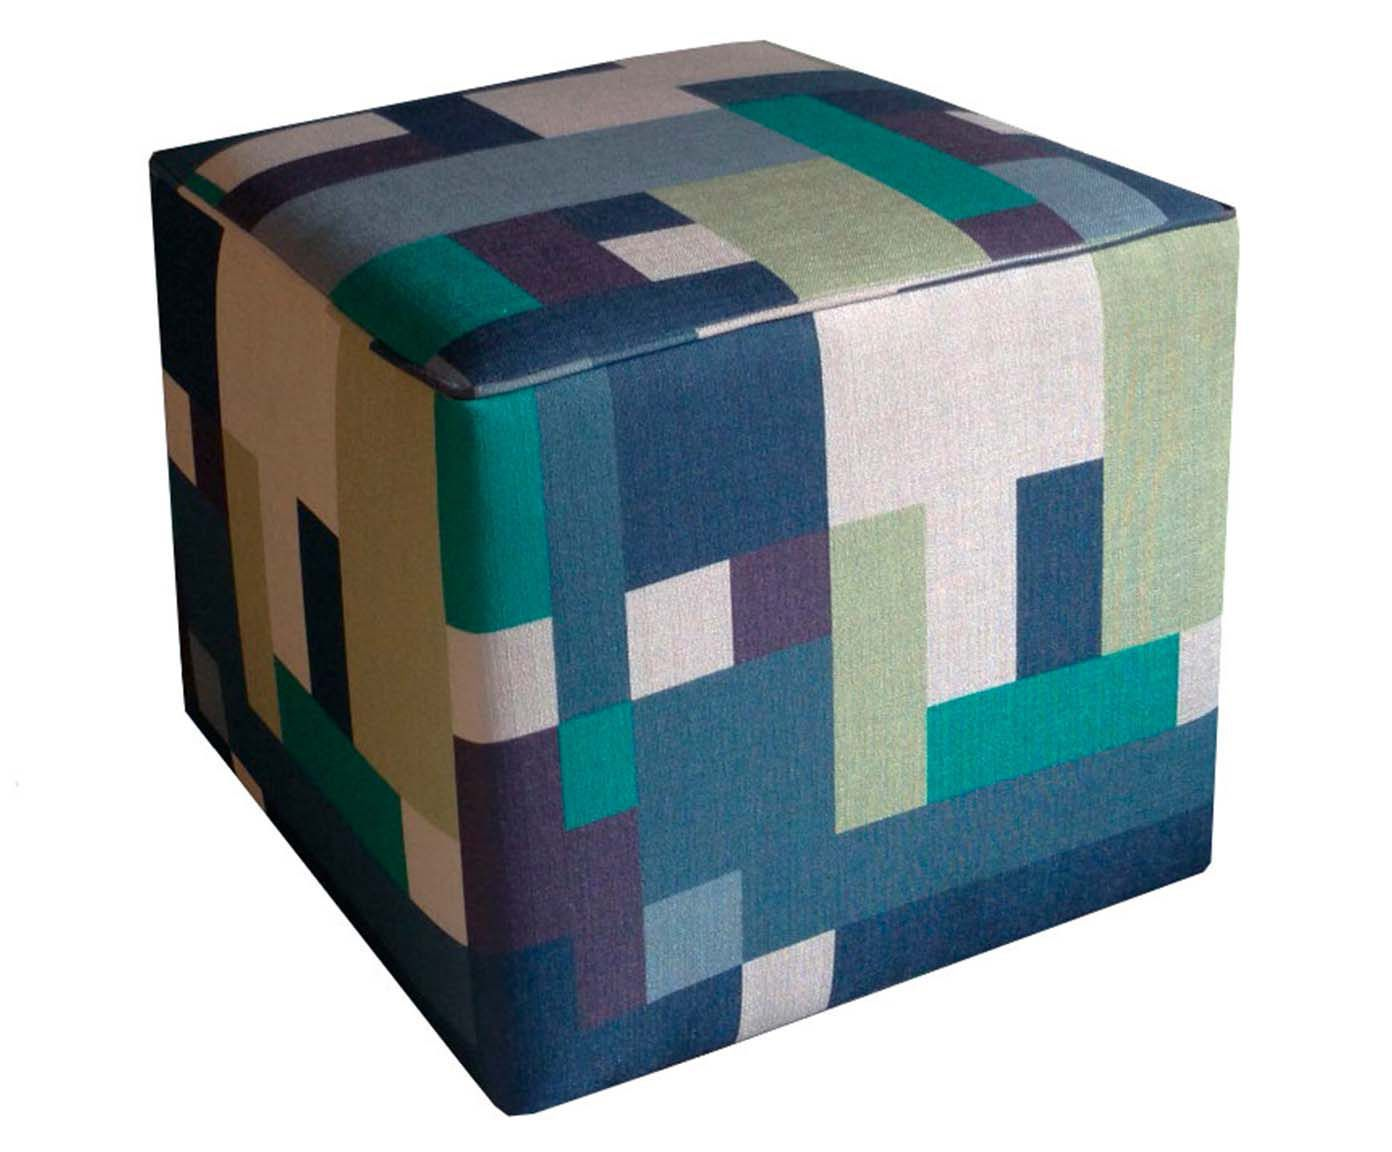 Pufe kik lego | Westwing.com.br